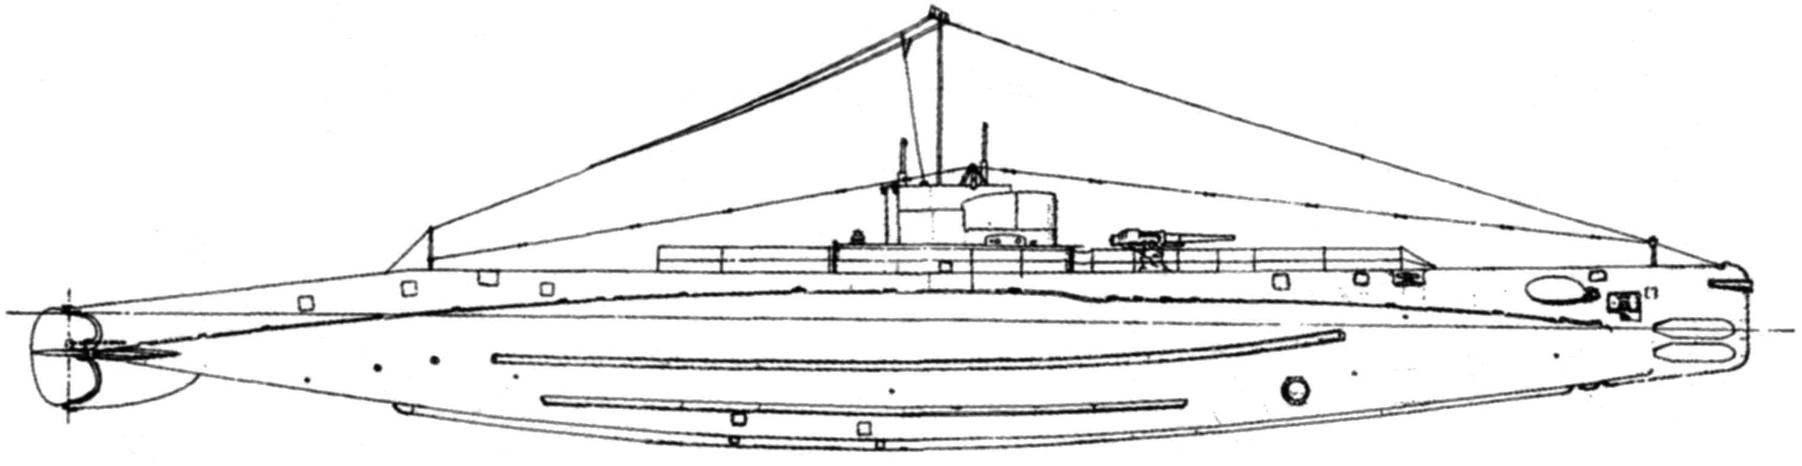 Подводная лодка «R-1» (SS-78) типа «R», США, 1919 г.